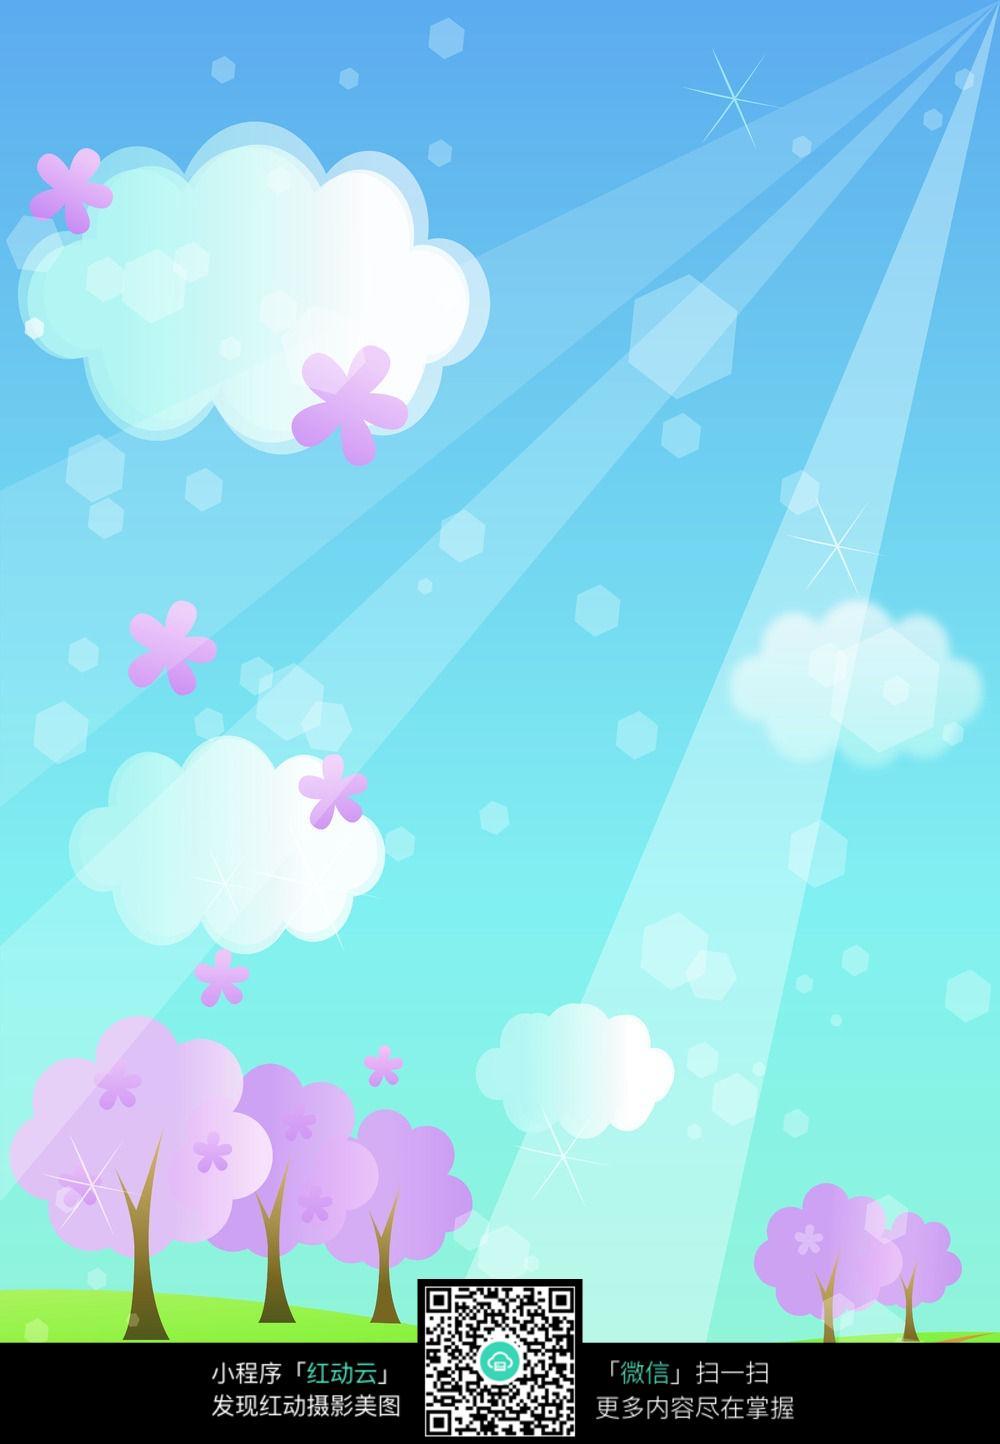 阳光树木卡通图